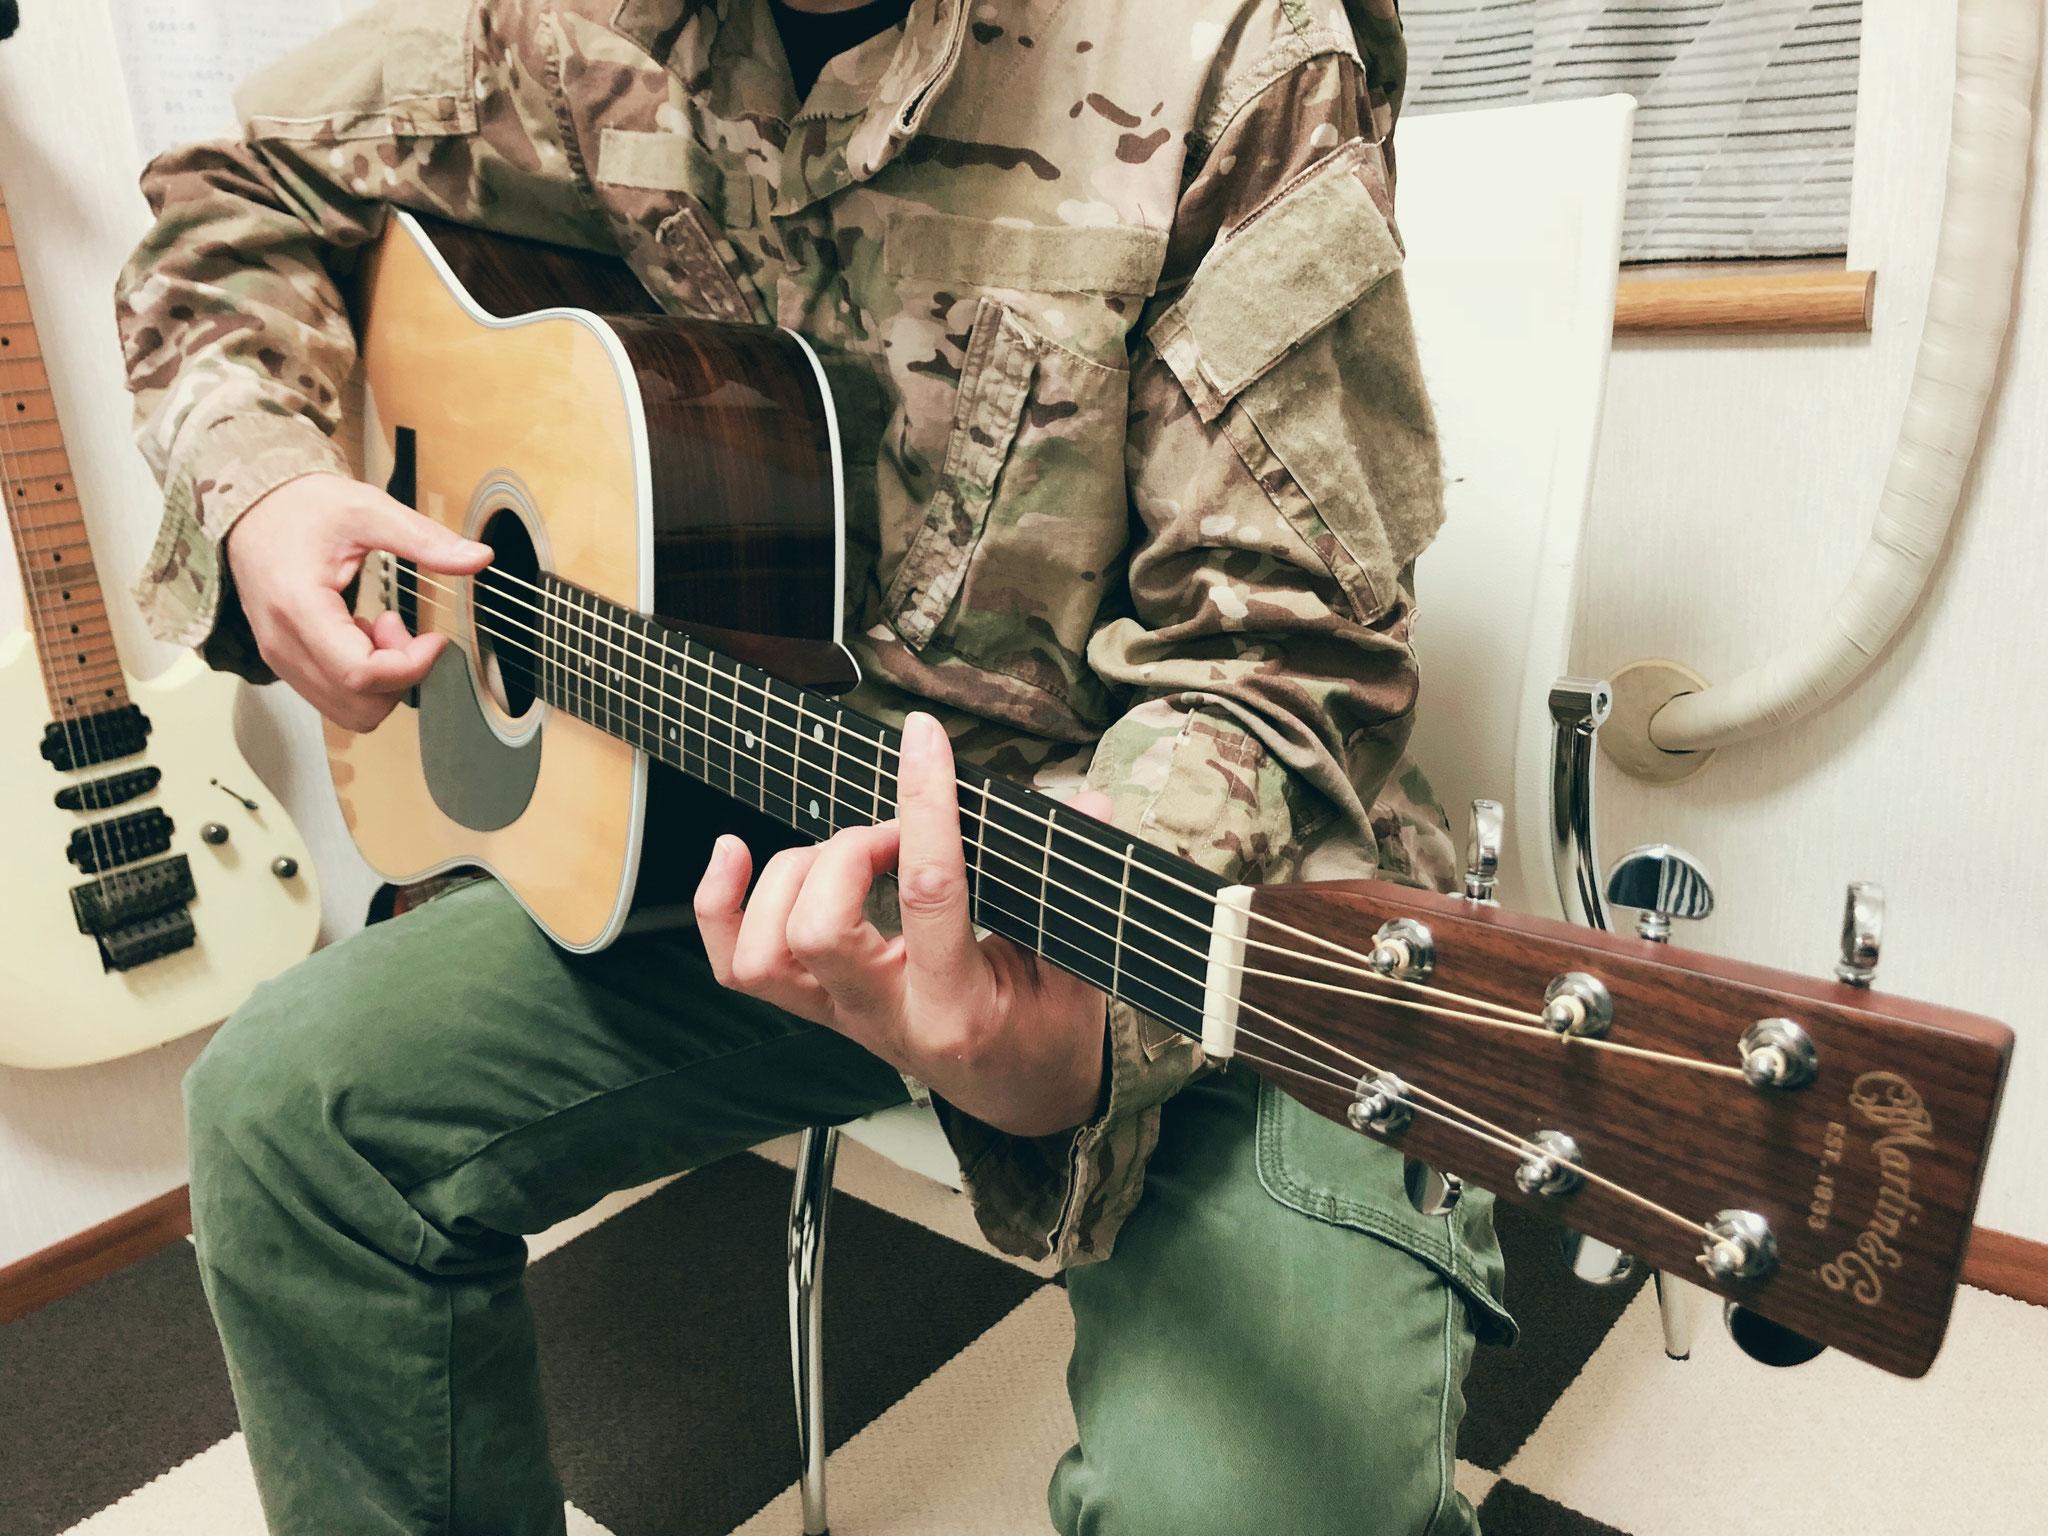 ソロギター演奏中